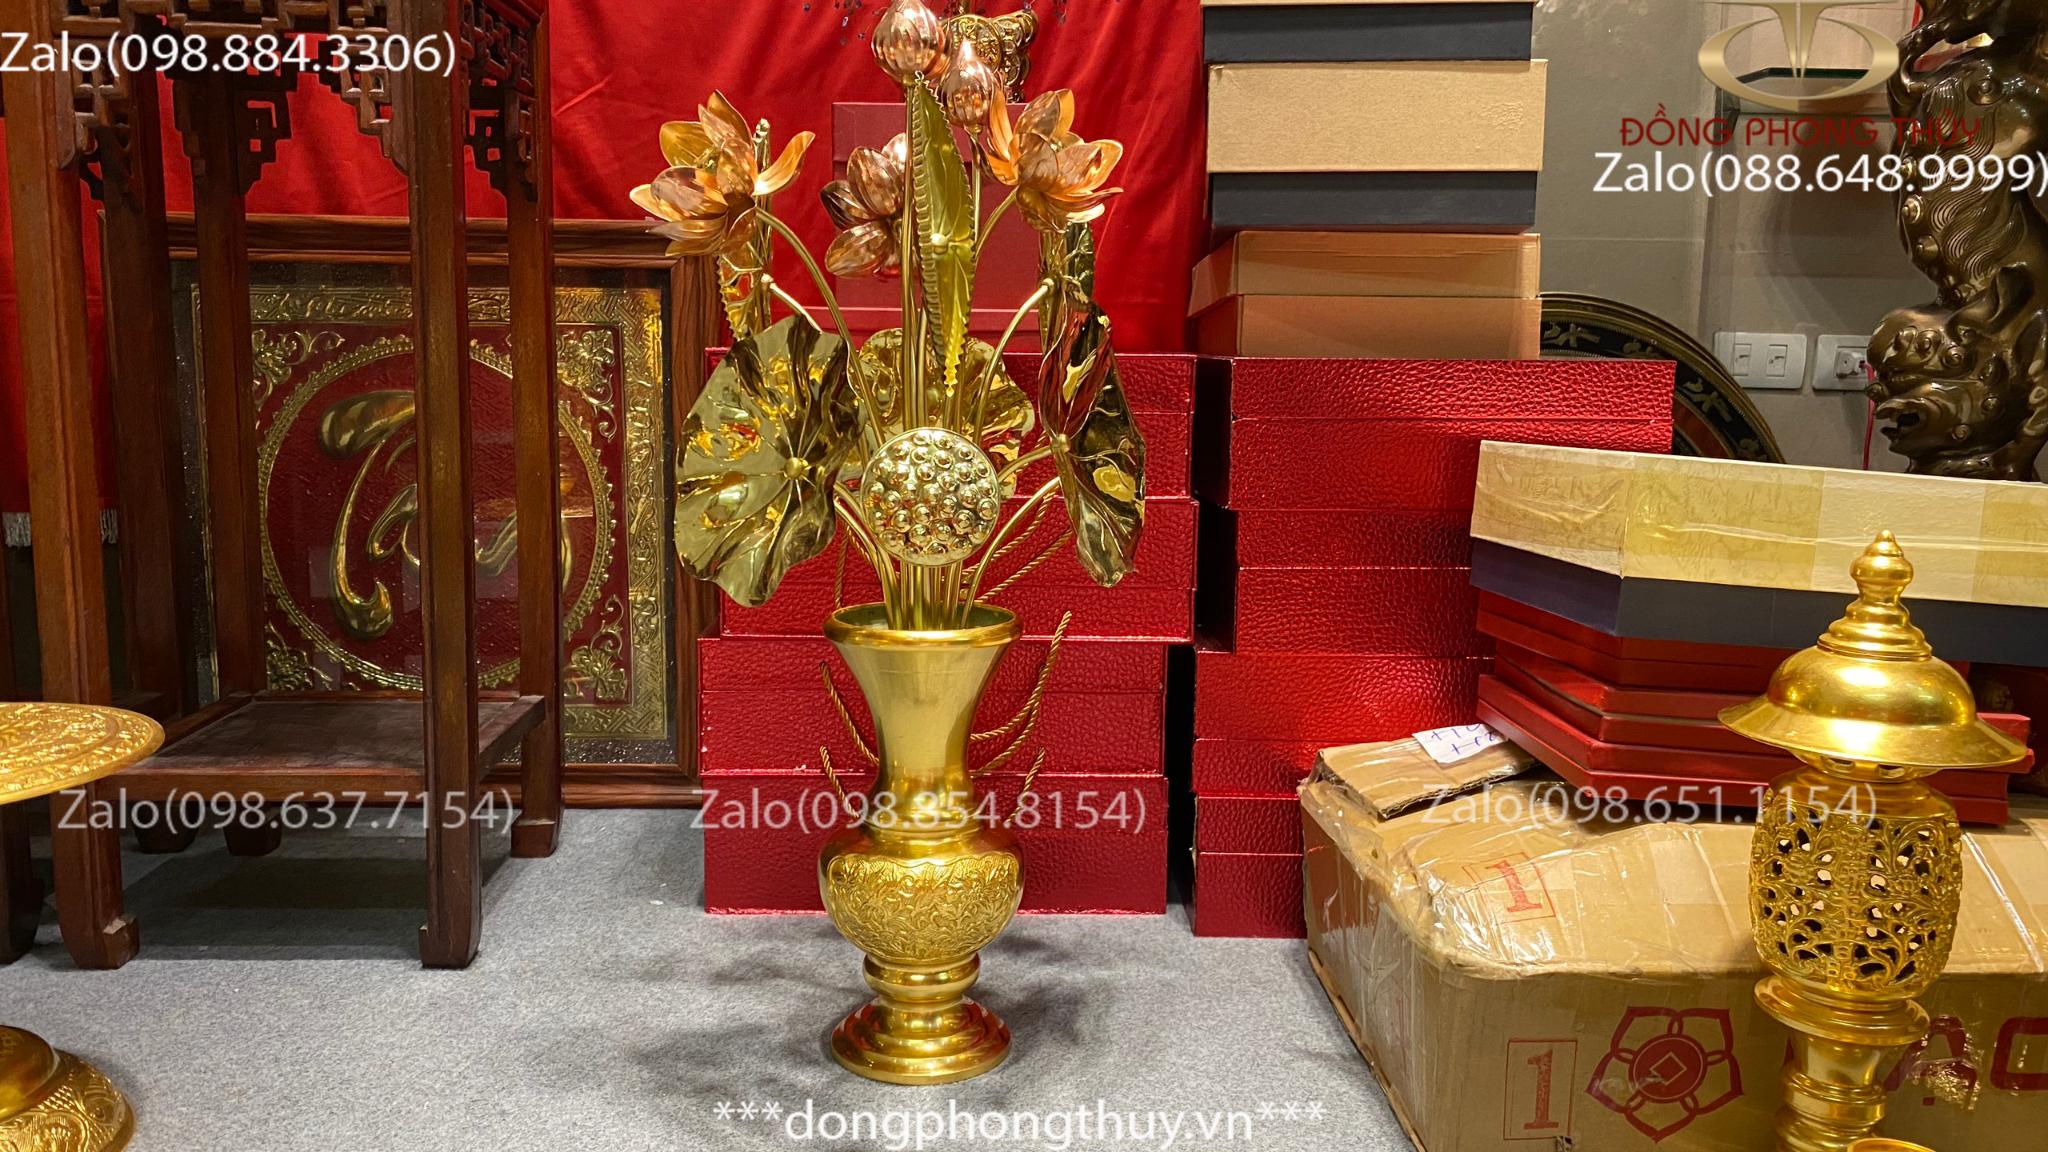 Lọ hoa bằng đồng mạ vàng 24k